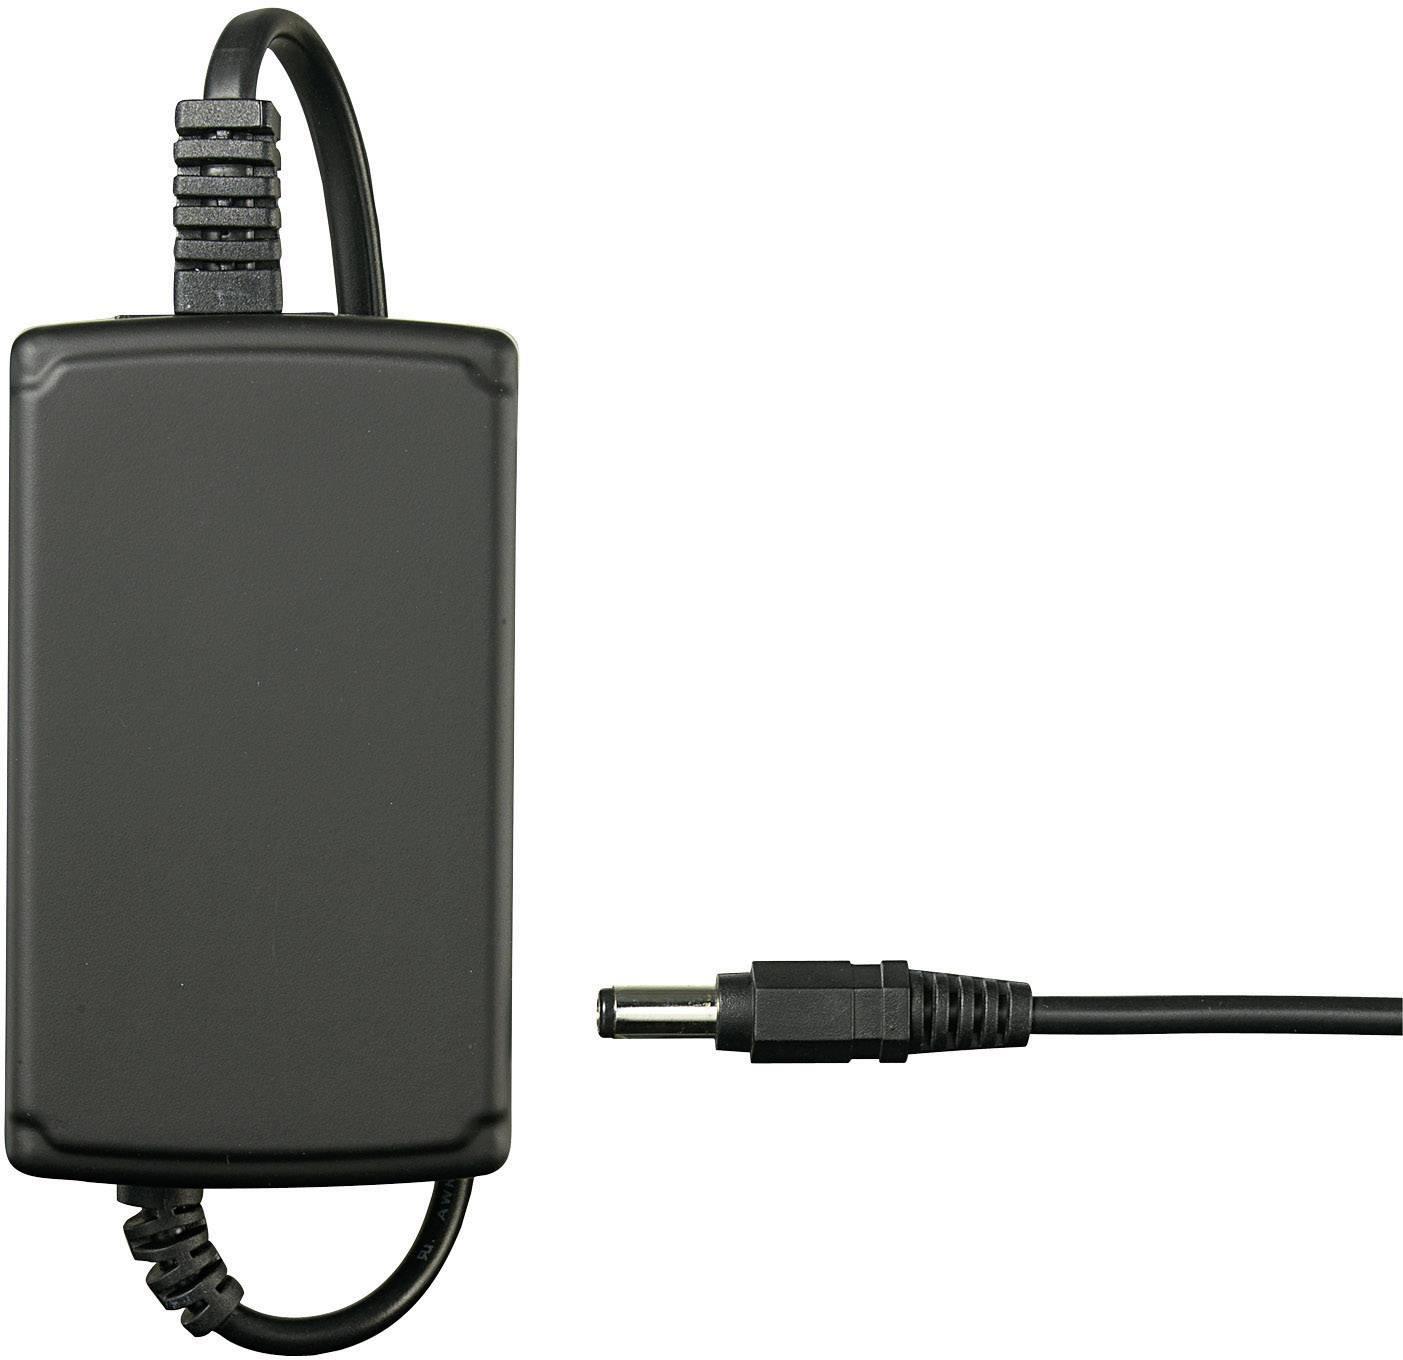 Síťový adaptér Voltcraft FTPS 24 VDC, 48 W